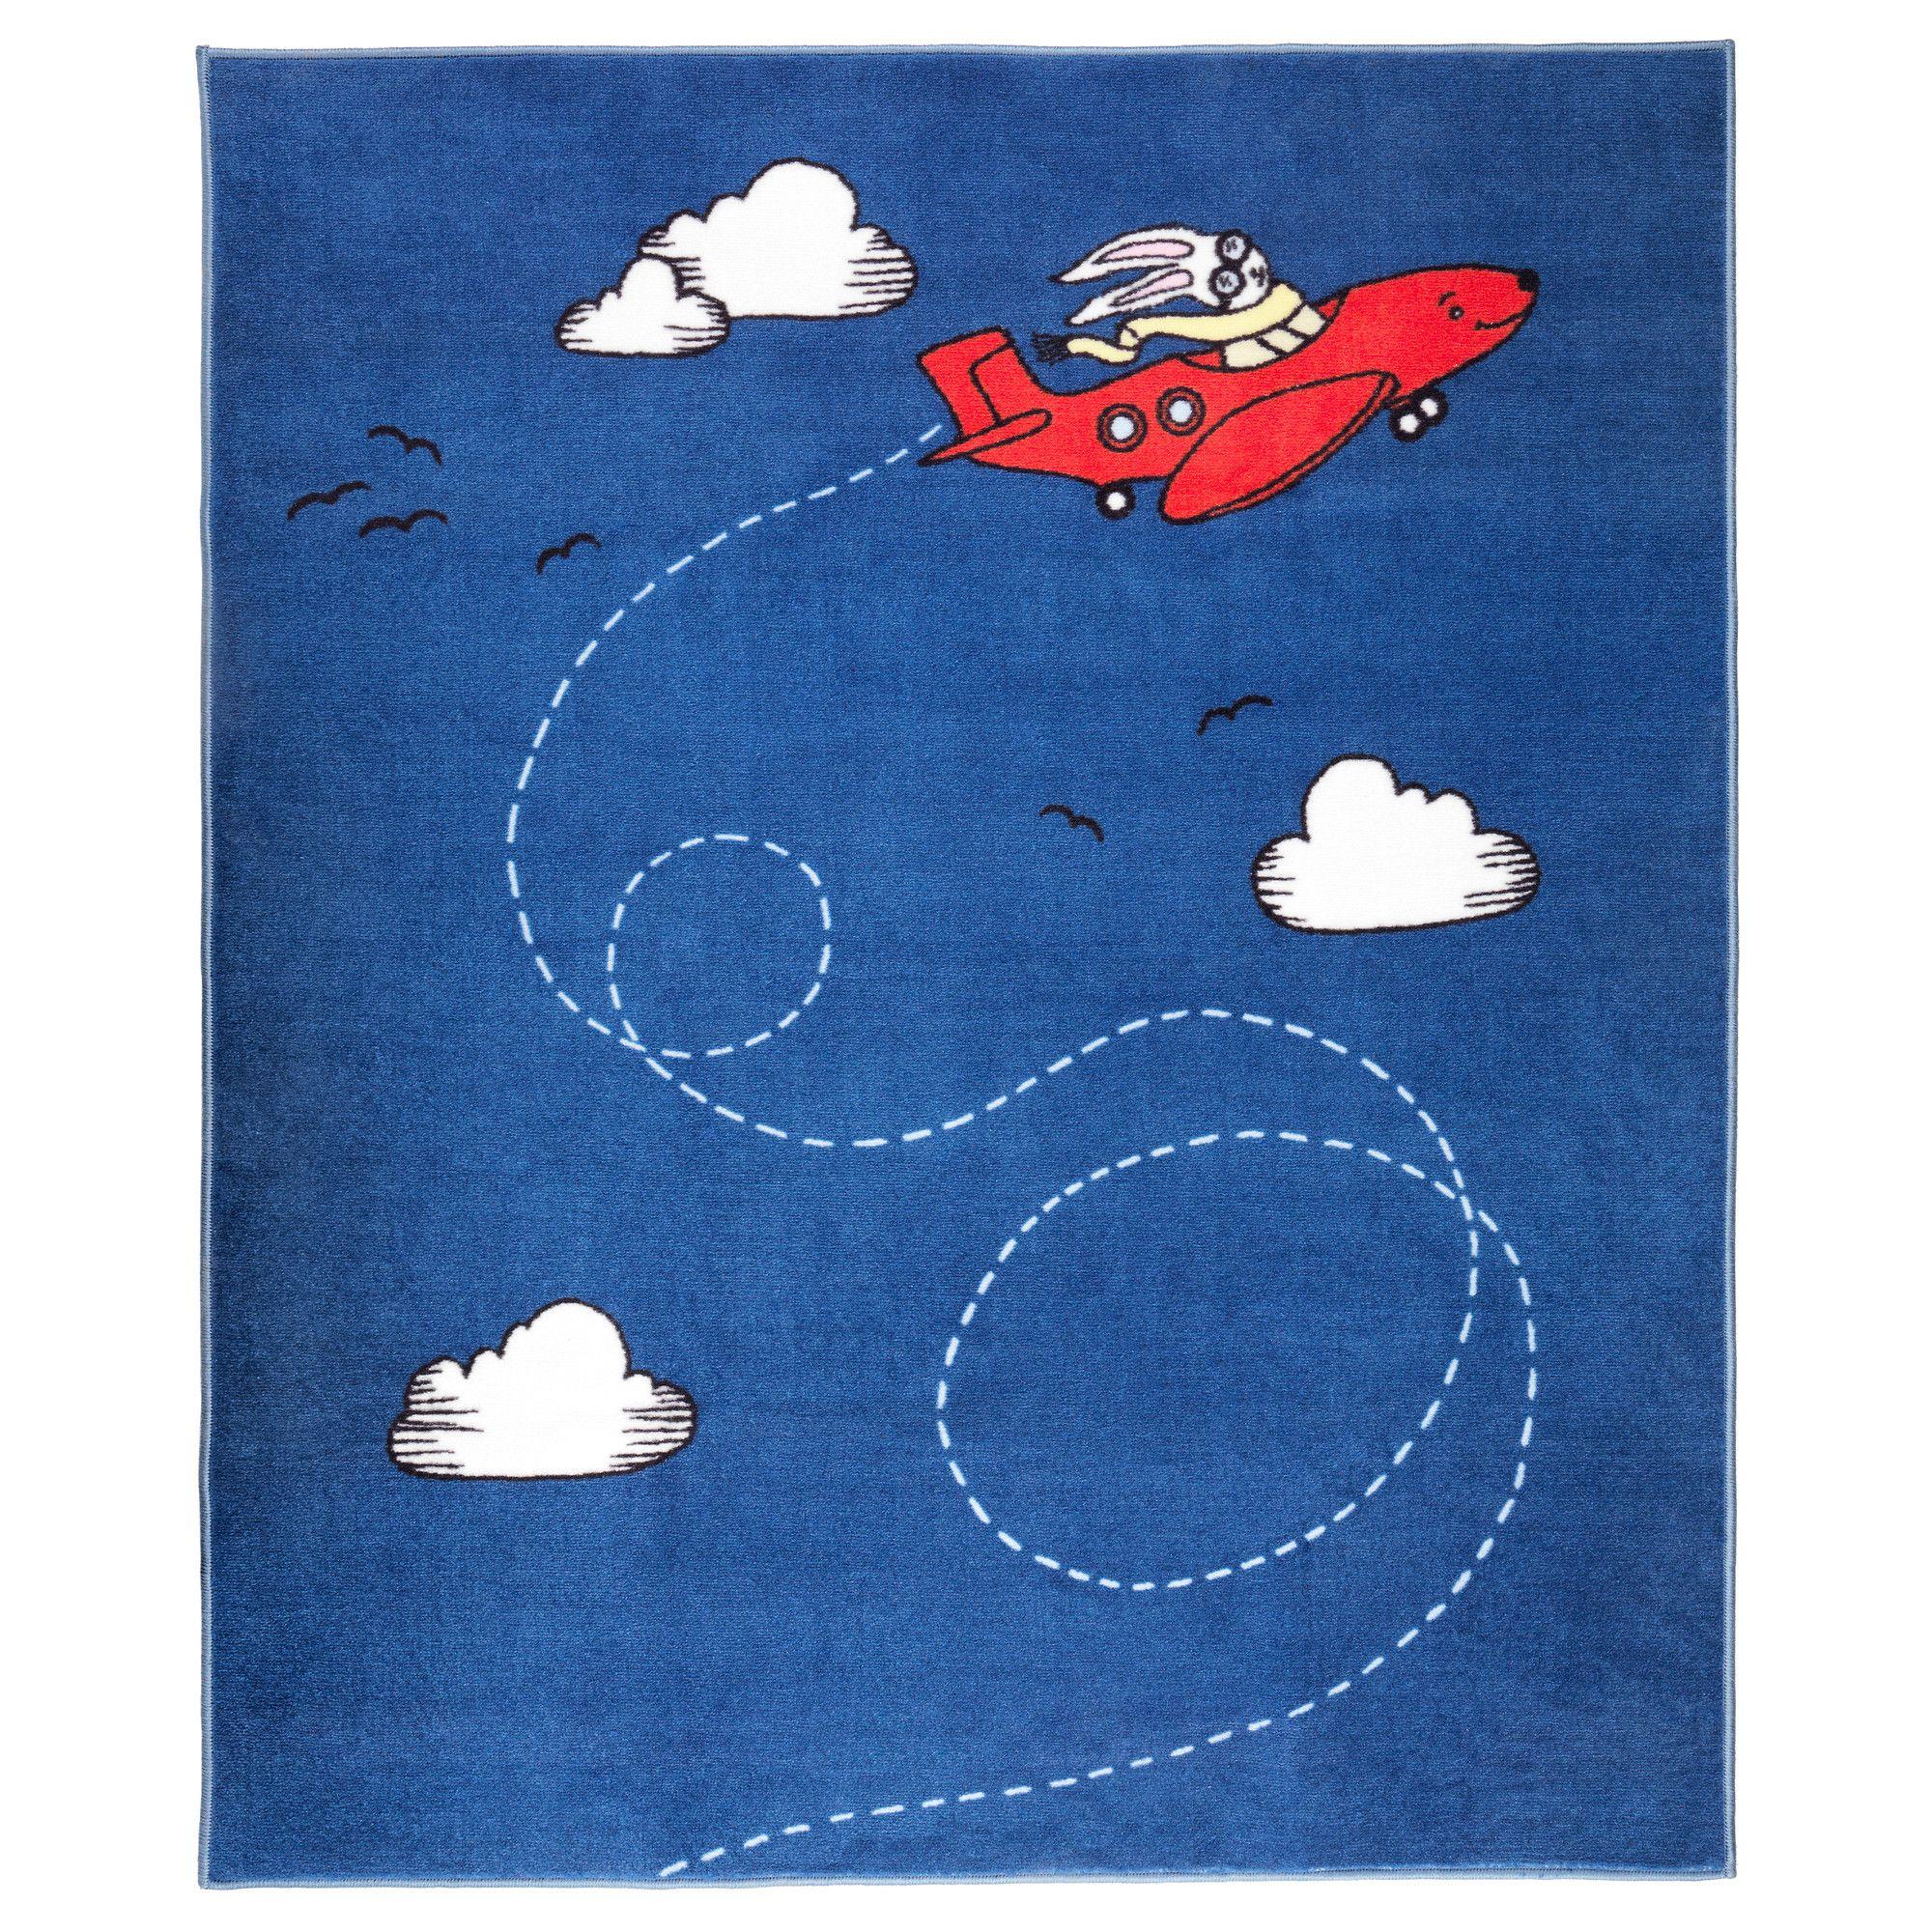 flygtur tapis poils ras ikea enfants pinterest d coration chambre ikea et d corations. Black Bedroom Furniture Sets. Home Design Ideas